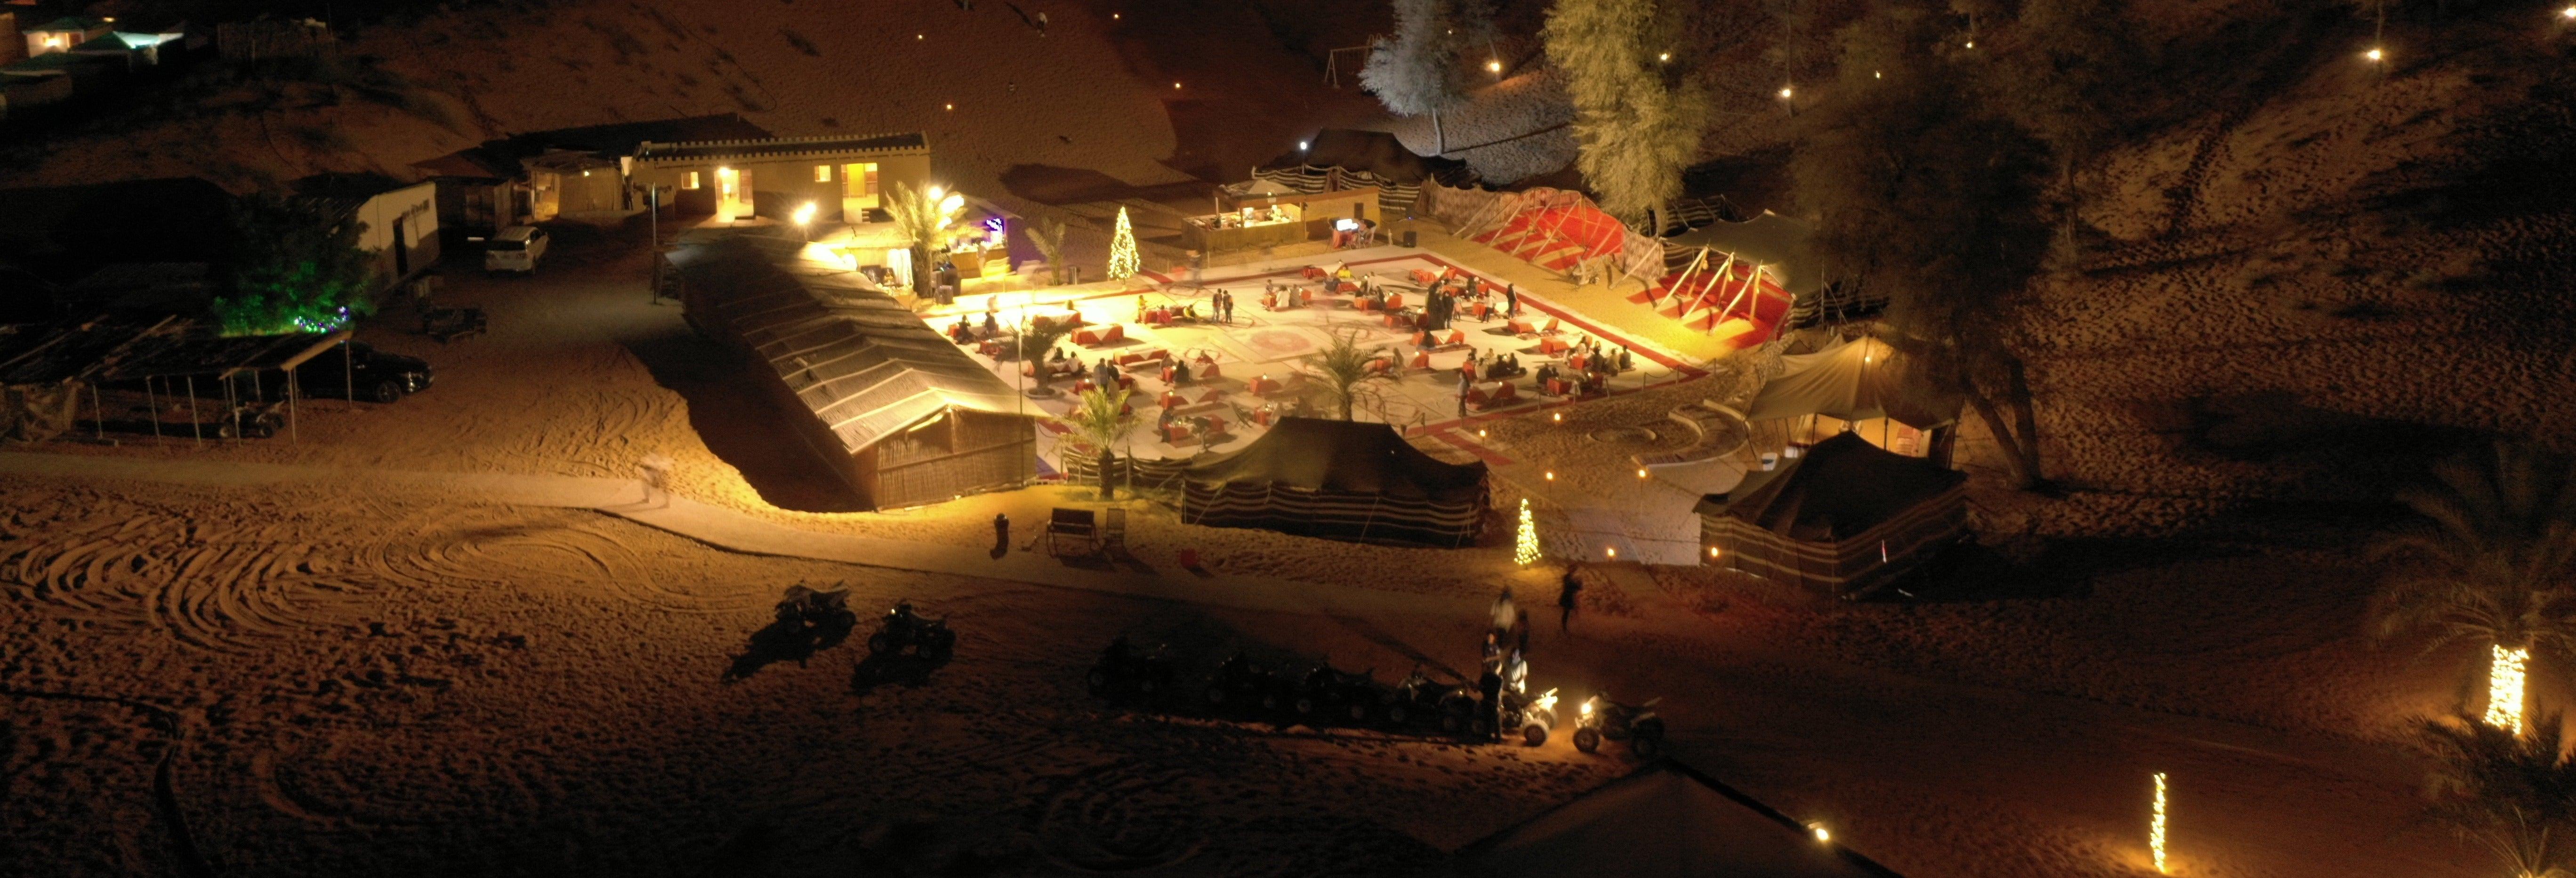 Ras al Khaimah Dinner in the Desert